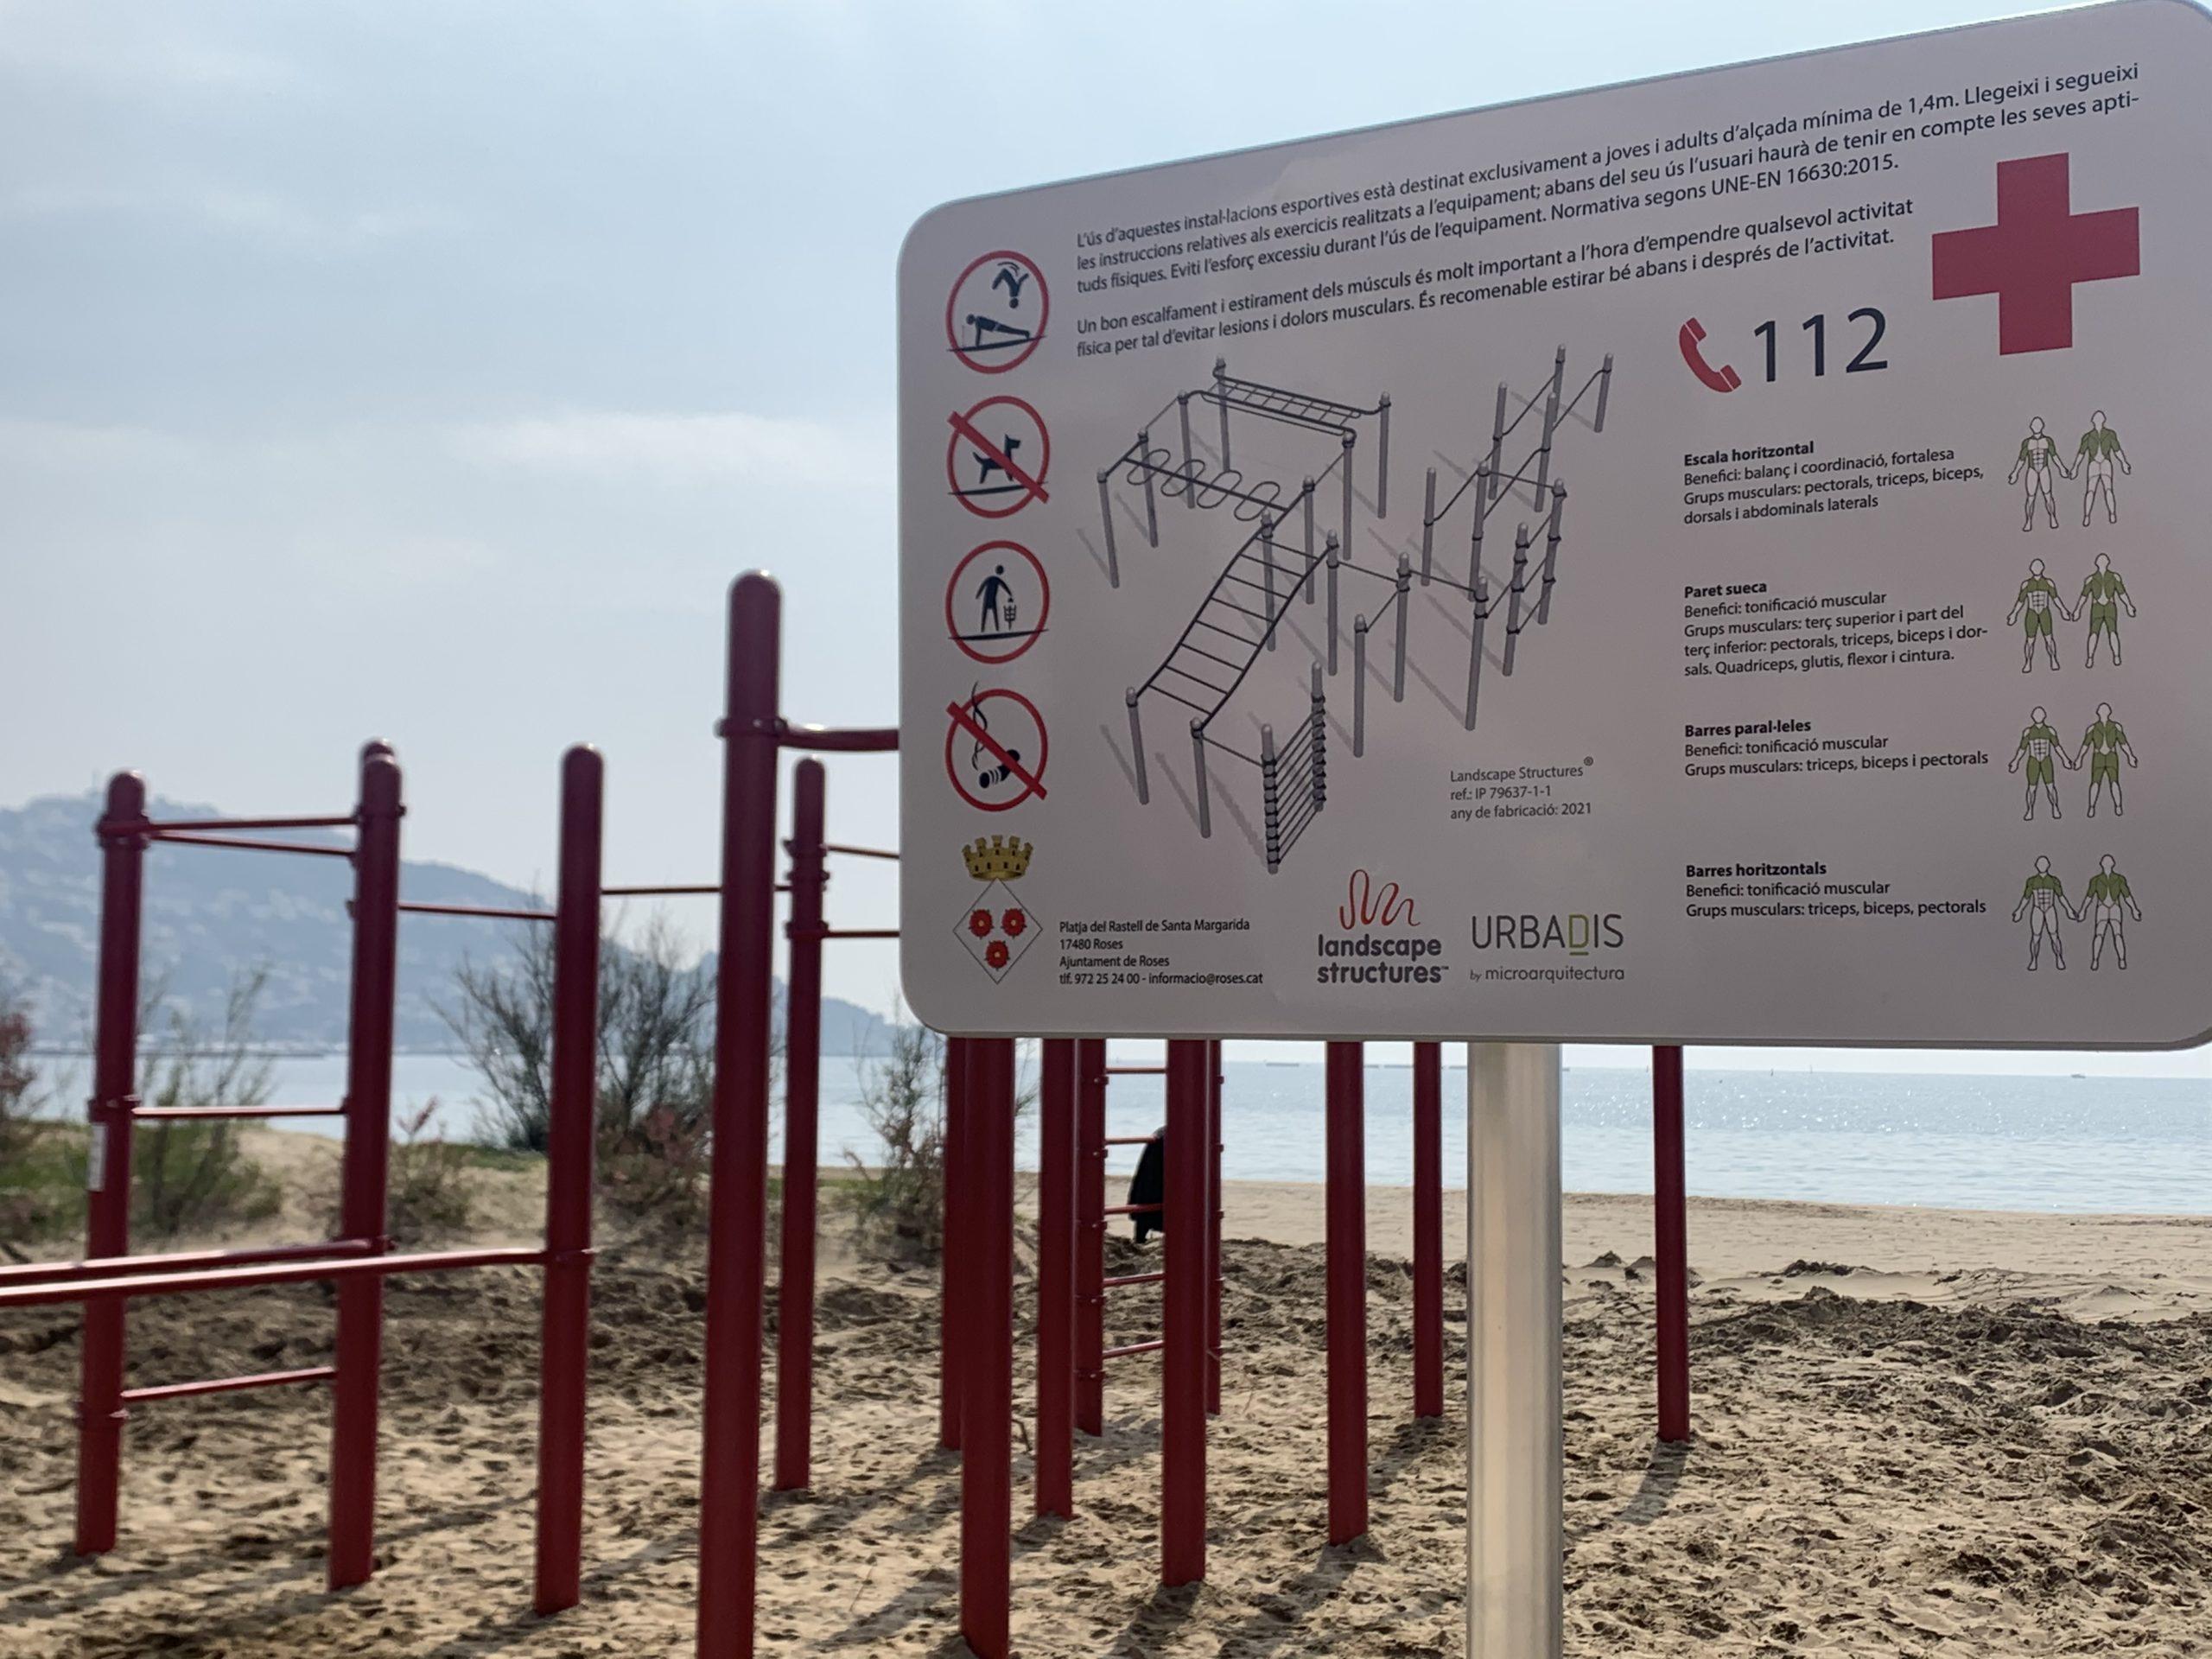 La platja de Santa Margarida augmenta la seva oferta esportiva amb una àrea de fitness street workout